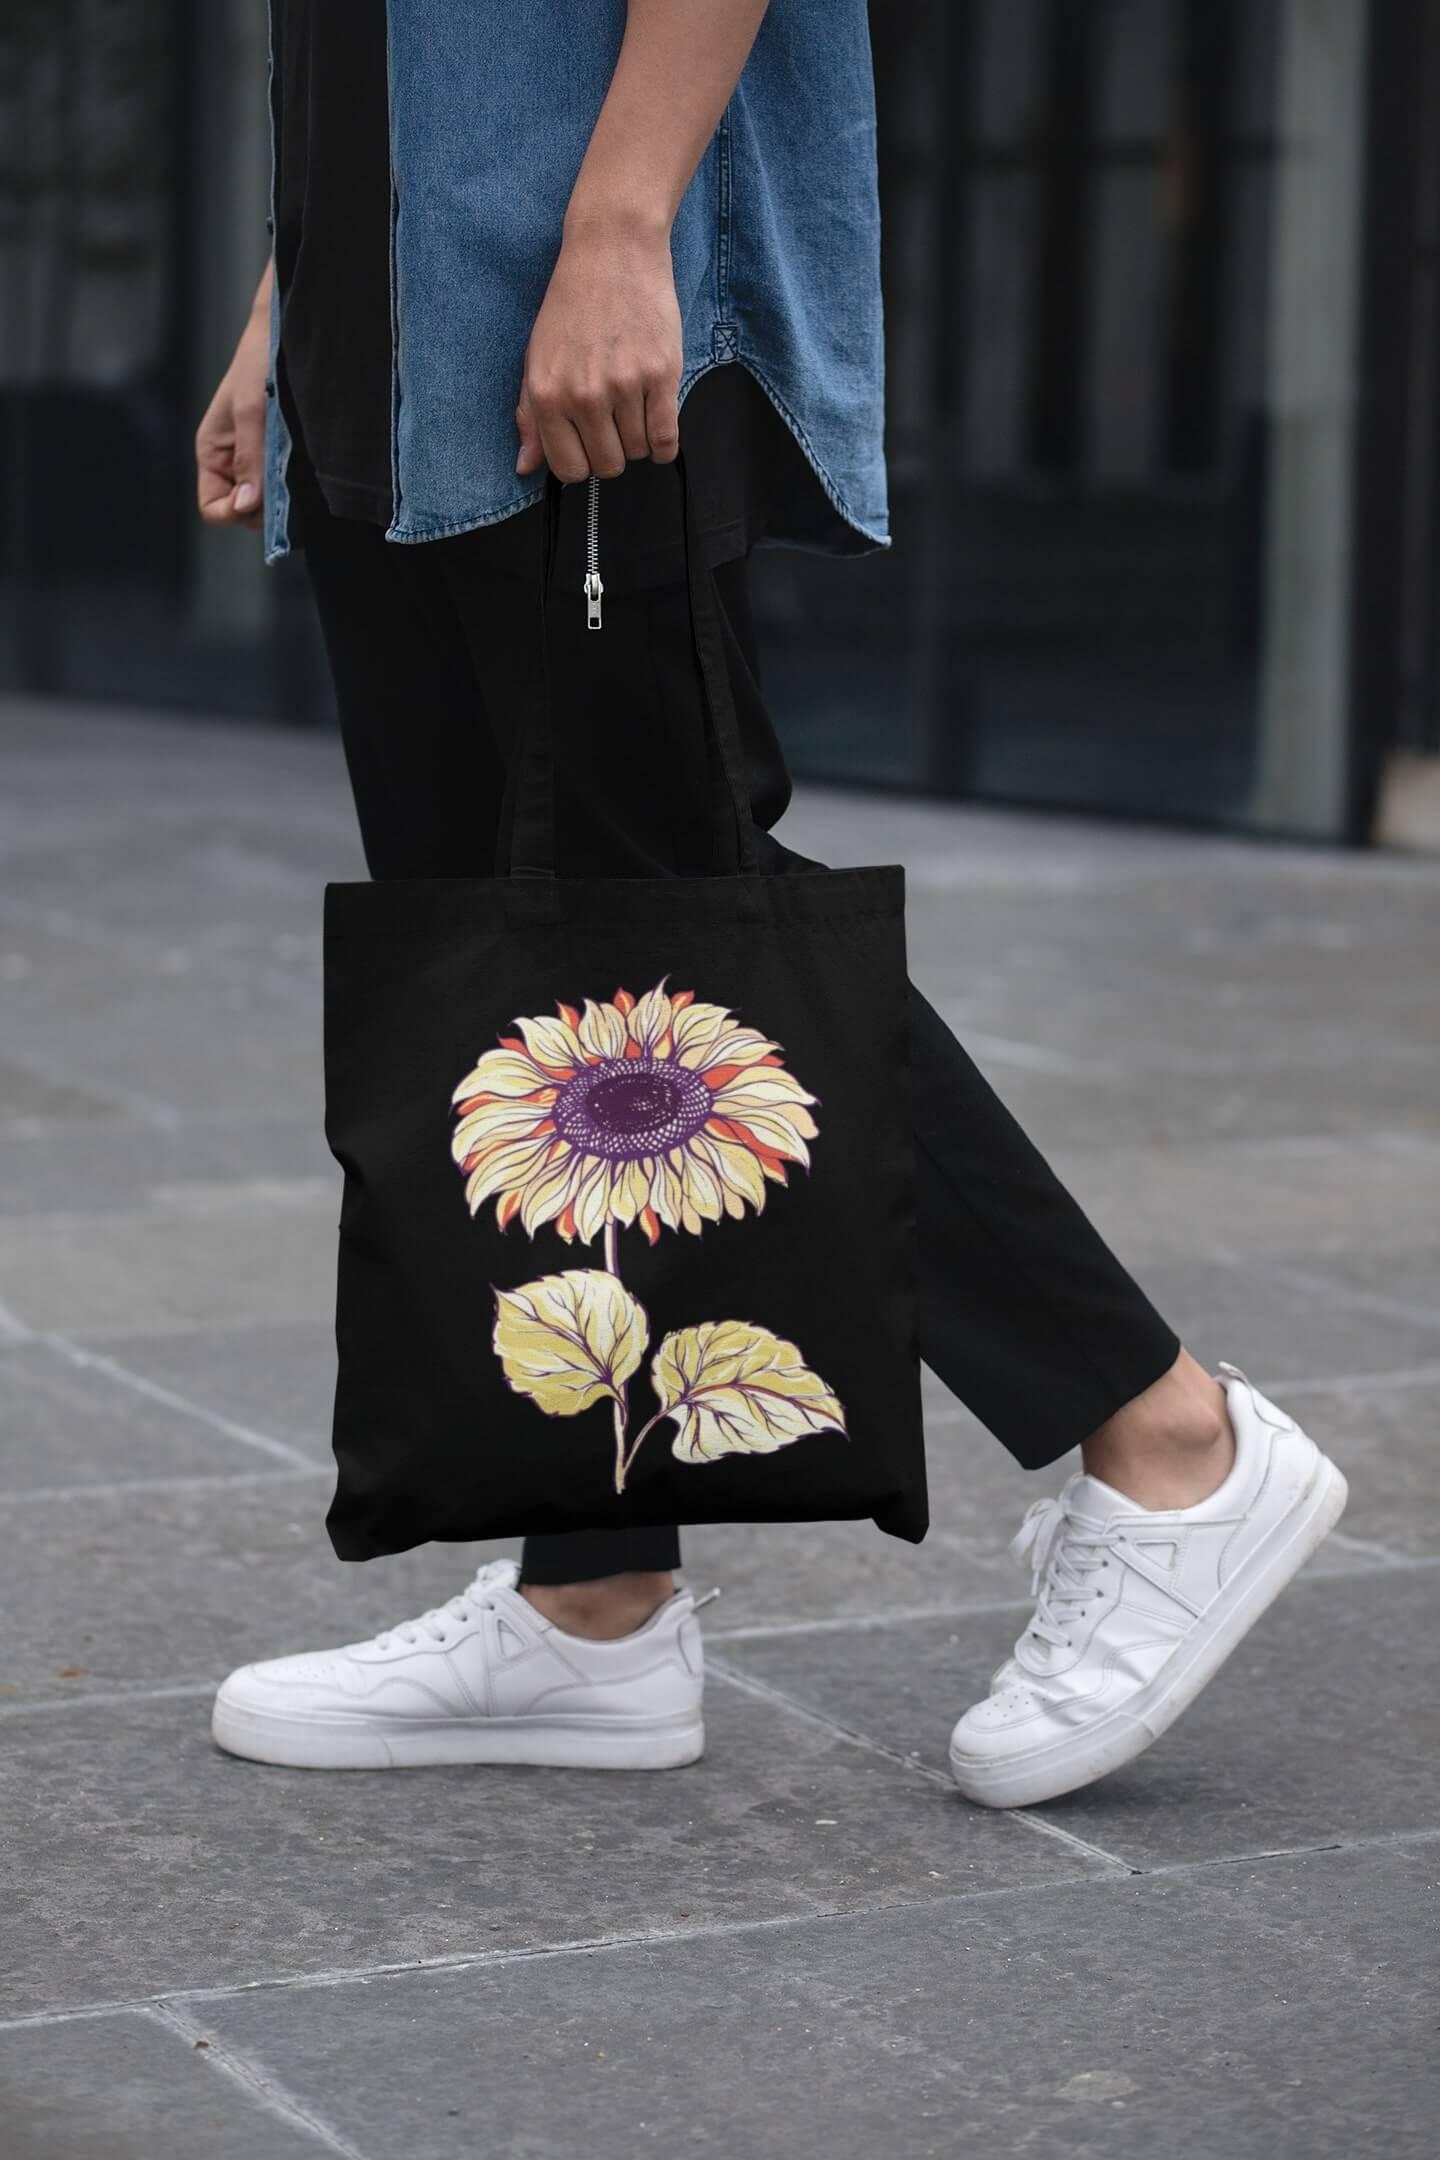 MMO Bavlnená taška Slnečnica Farba tašky: Čierna